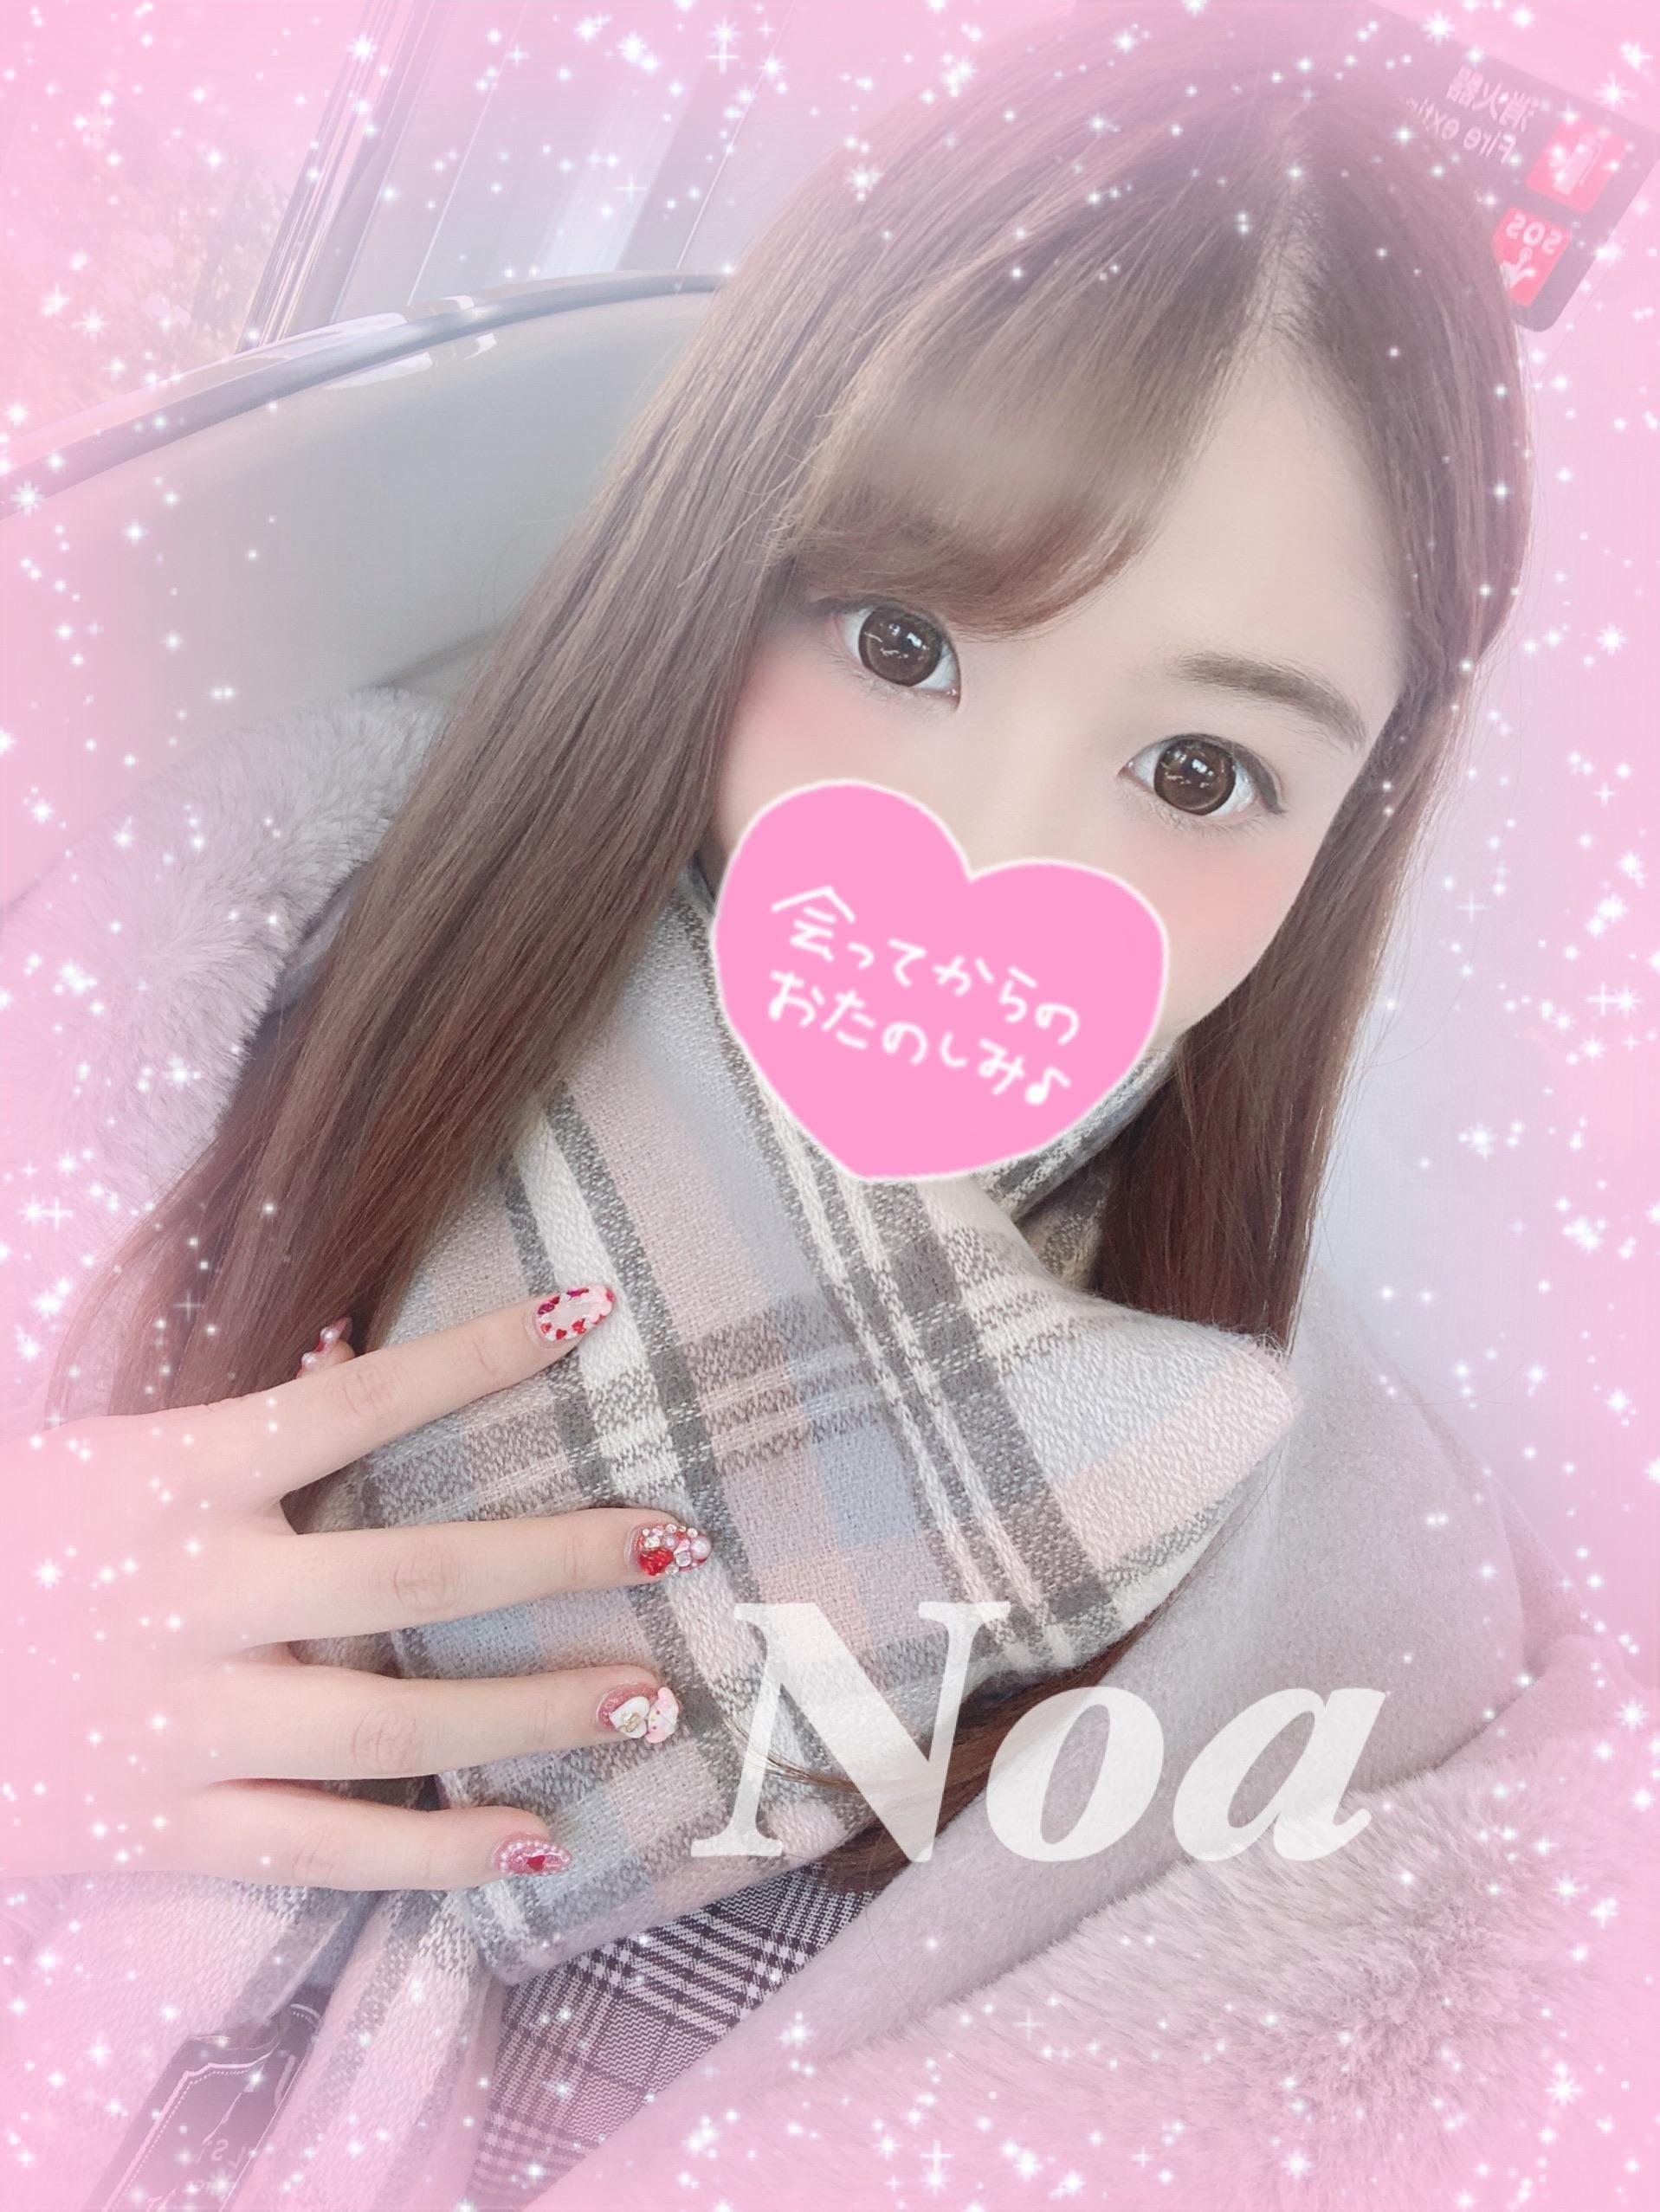 「出勤♪」01/31(01/31) 20:07 | のあの写メ・風俗動画